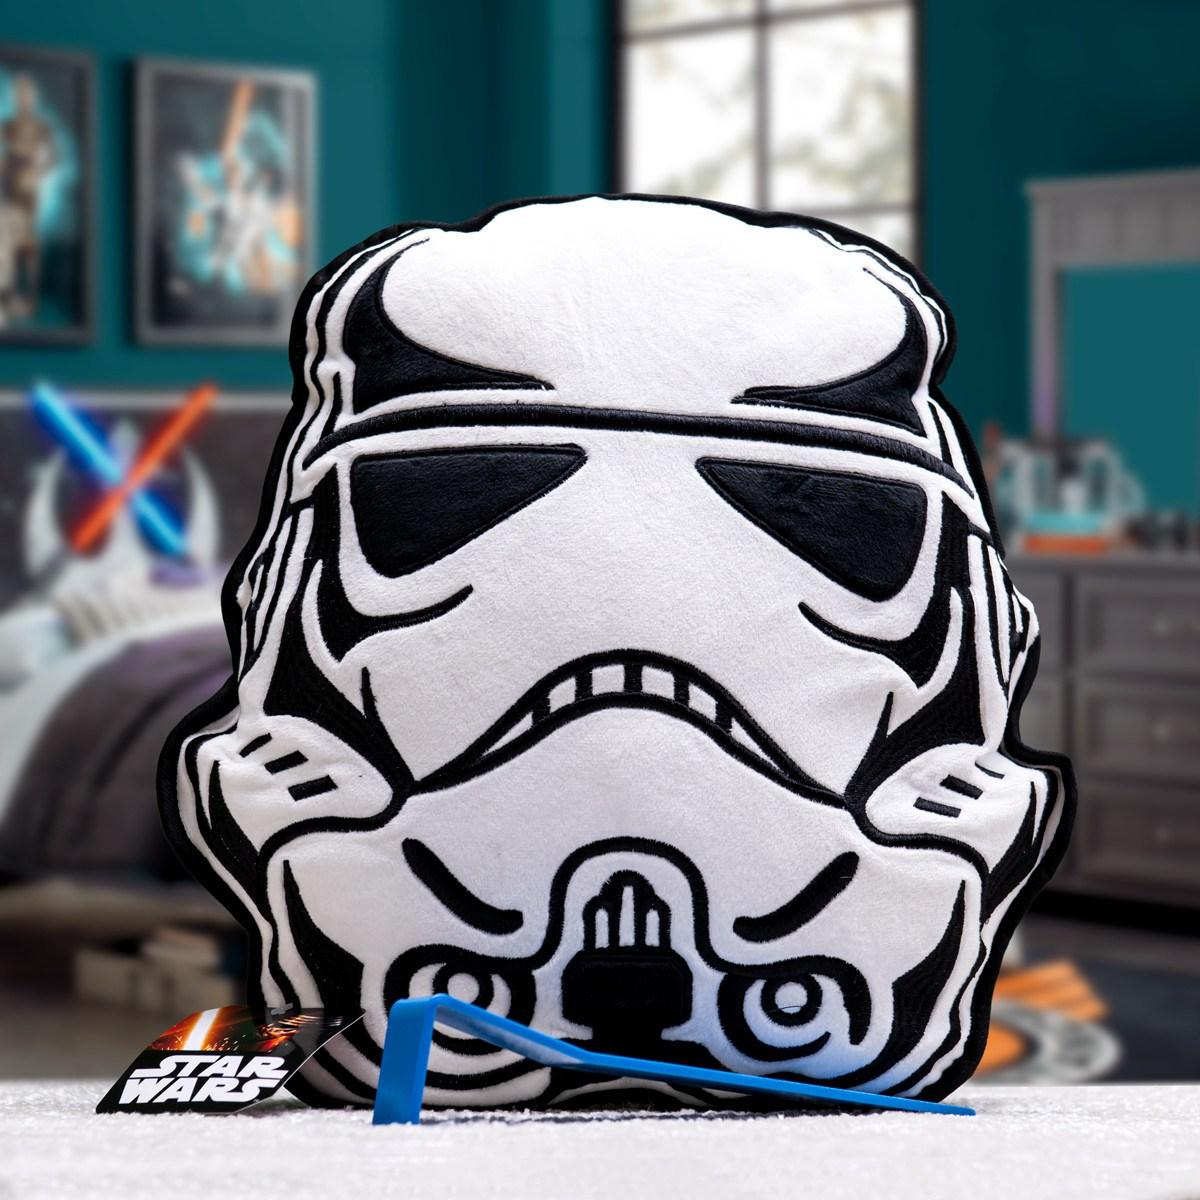 Star Wars Kidboxeo